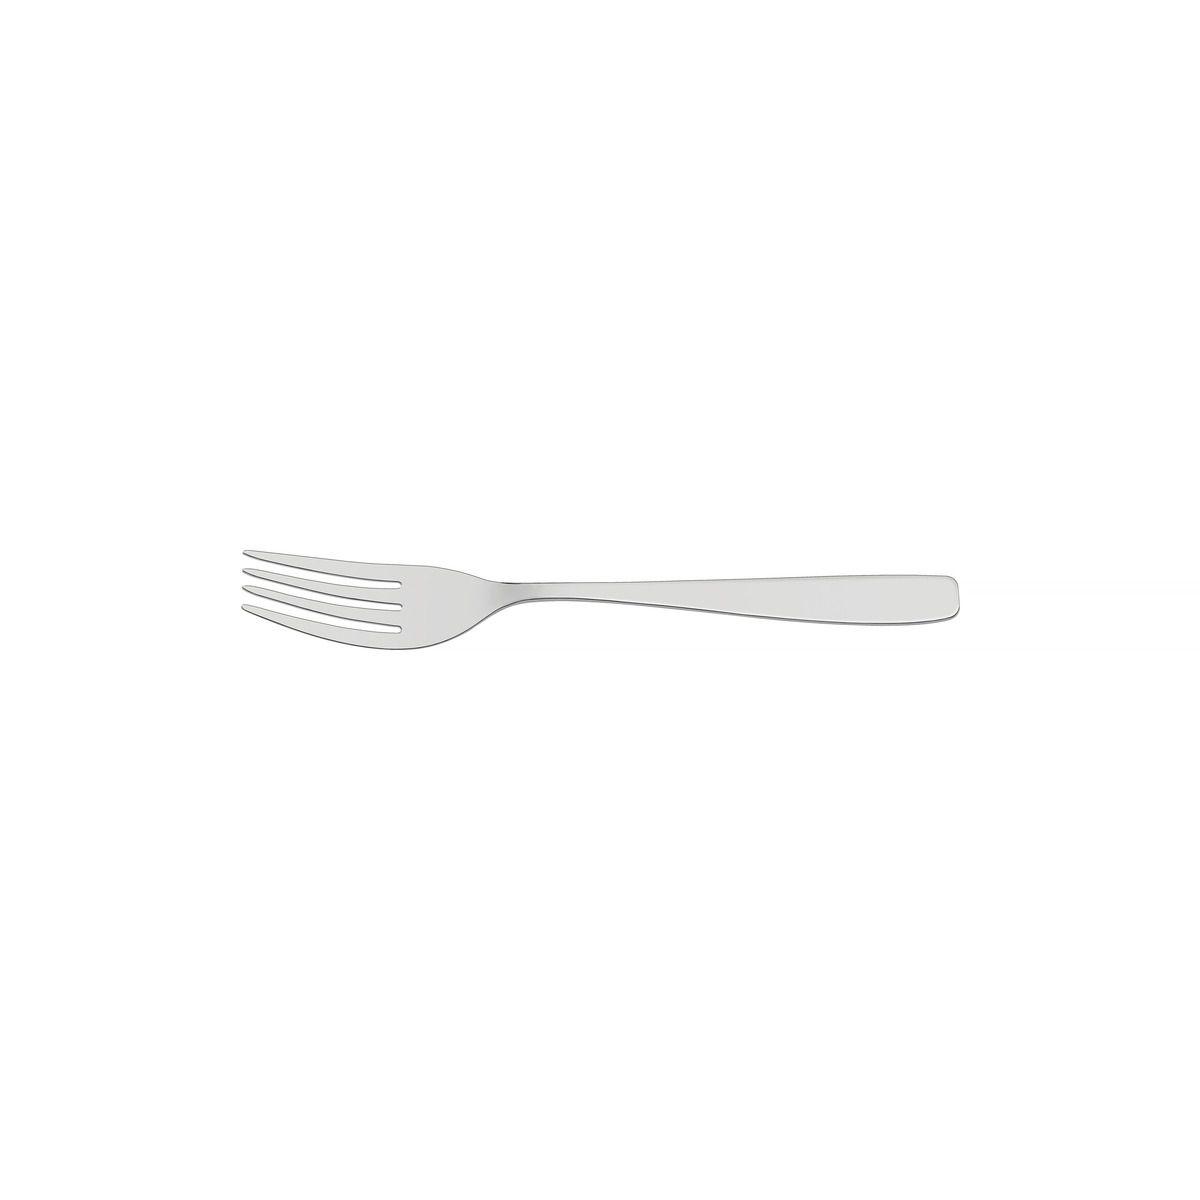 Garfo para sobremesa aço inox 63950/057 | Lojas Estrela